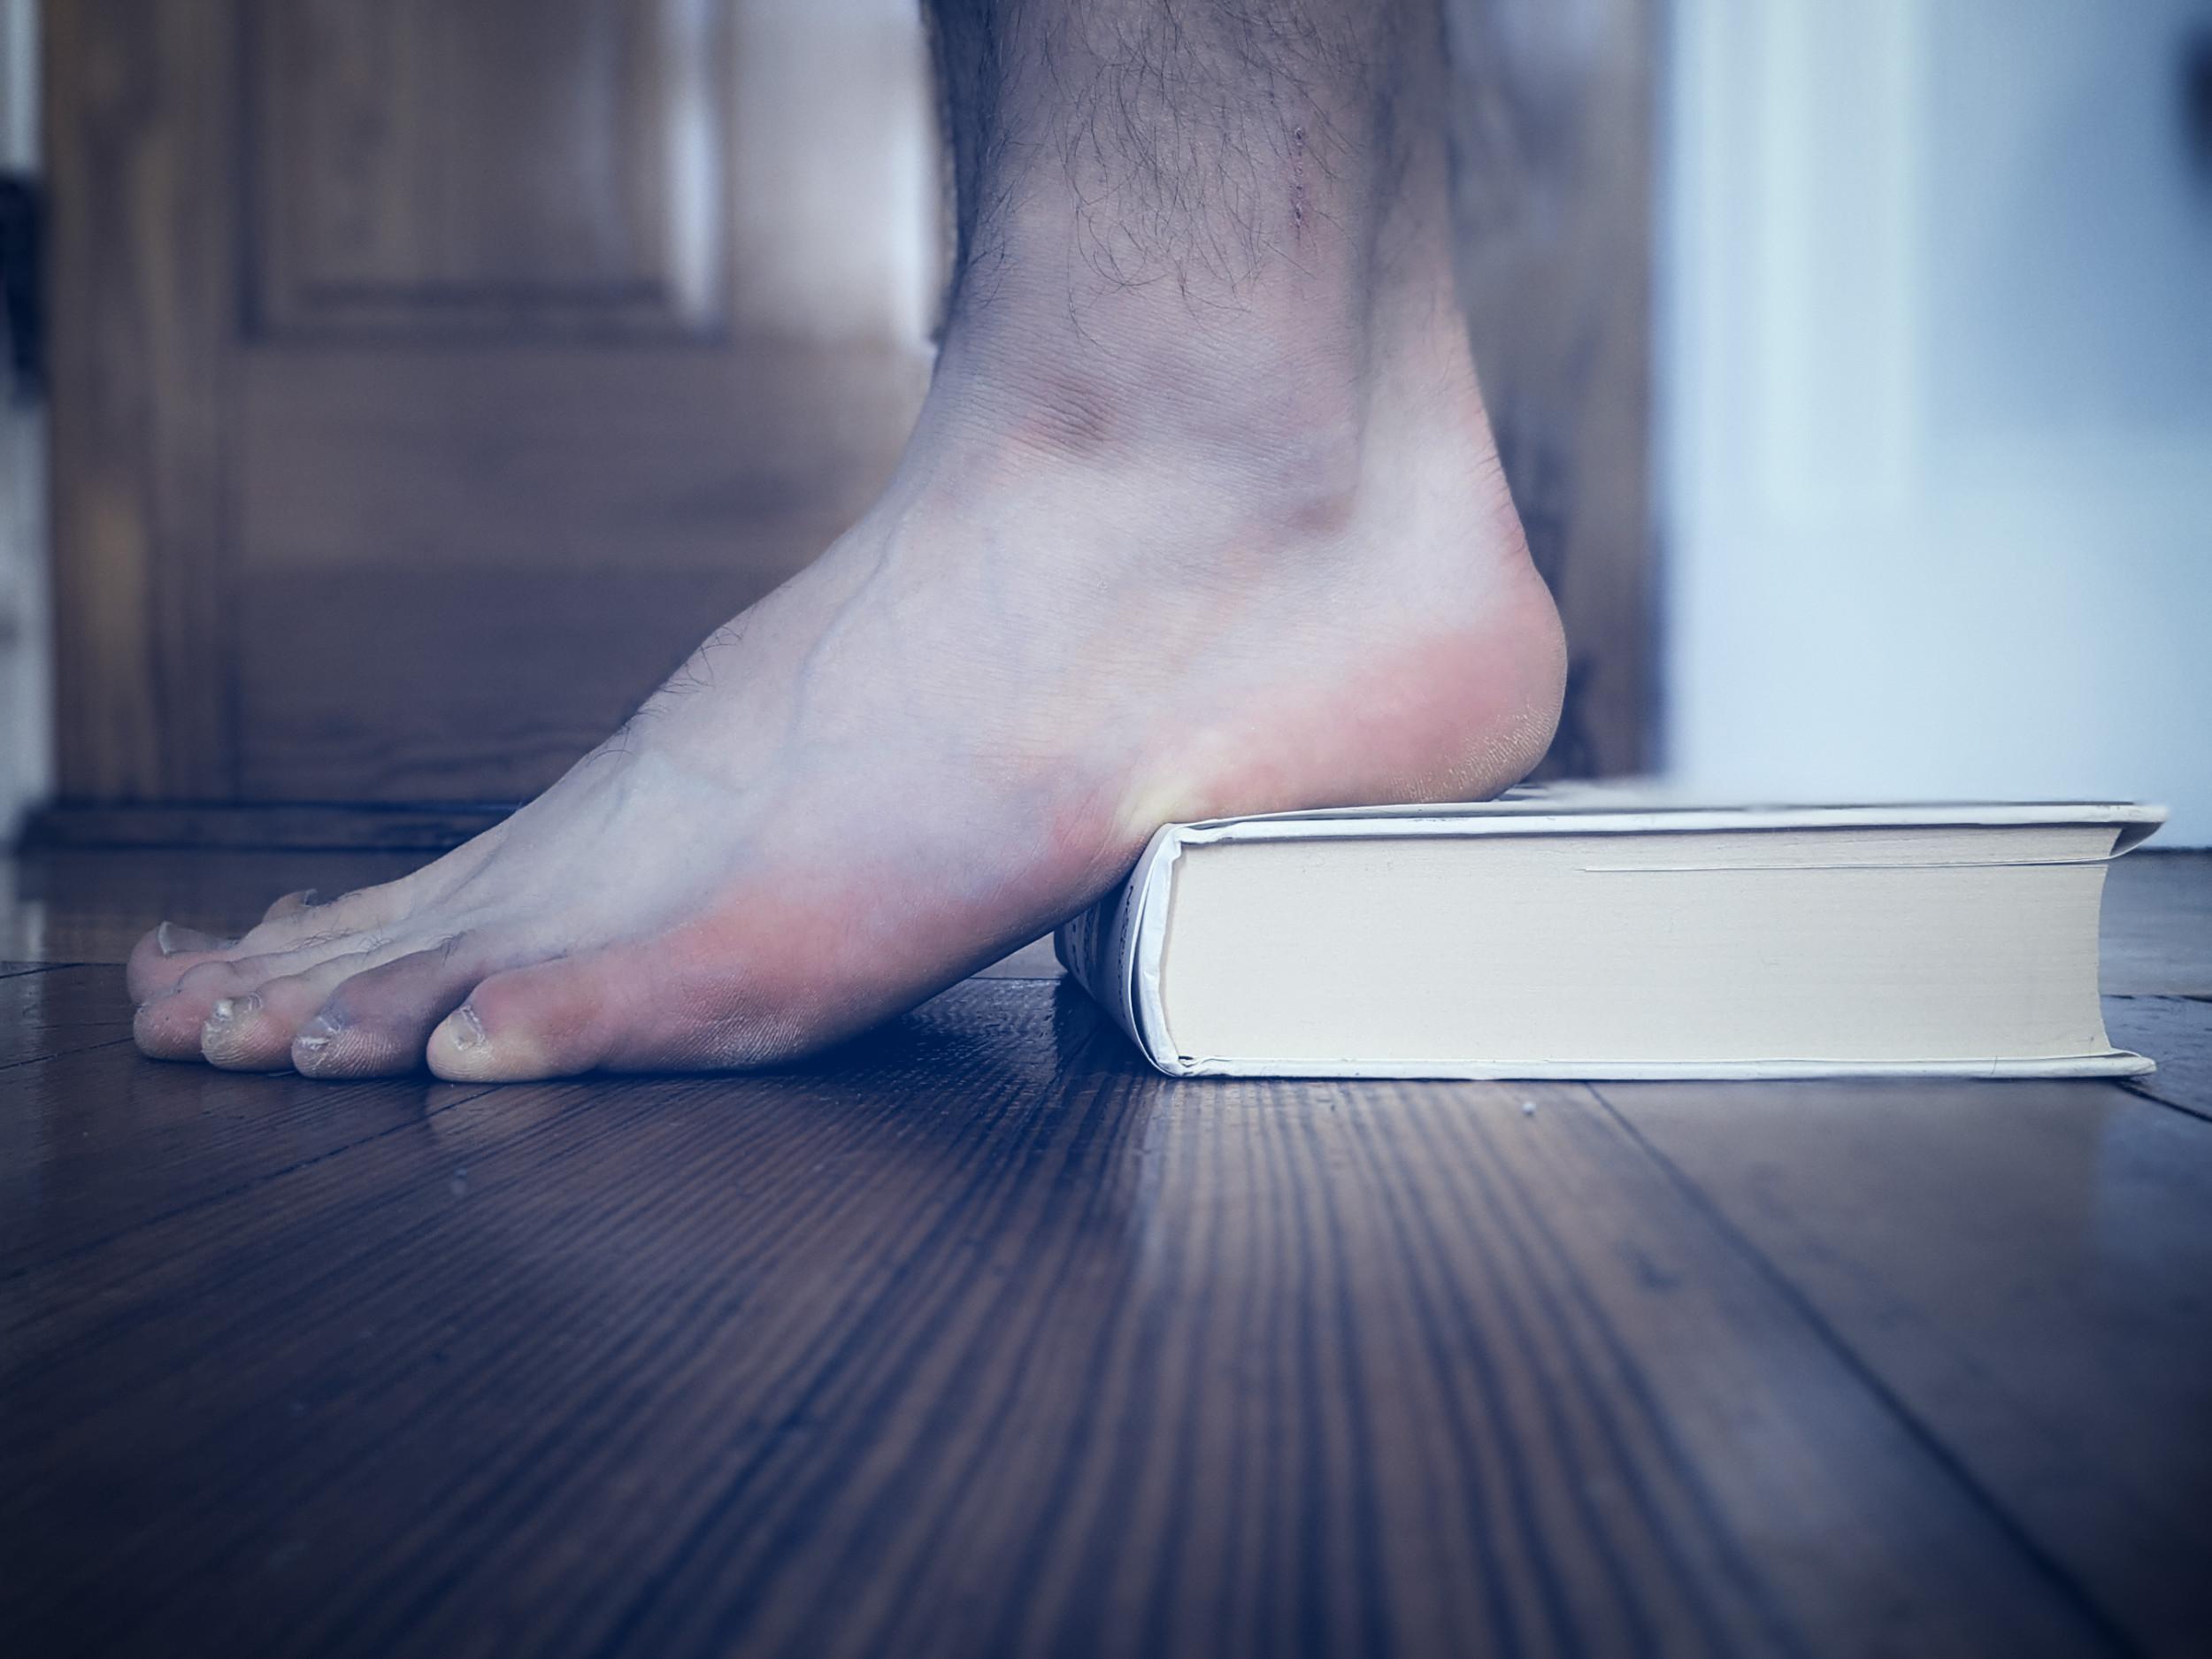 Feet on book heel raise